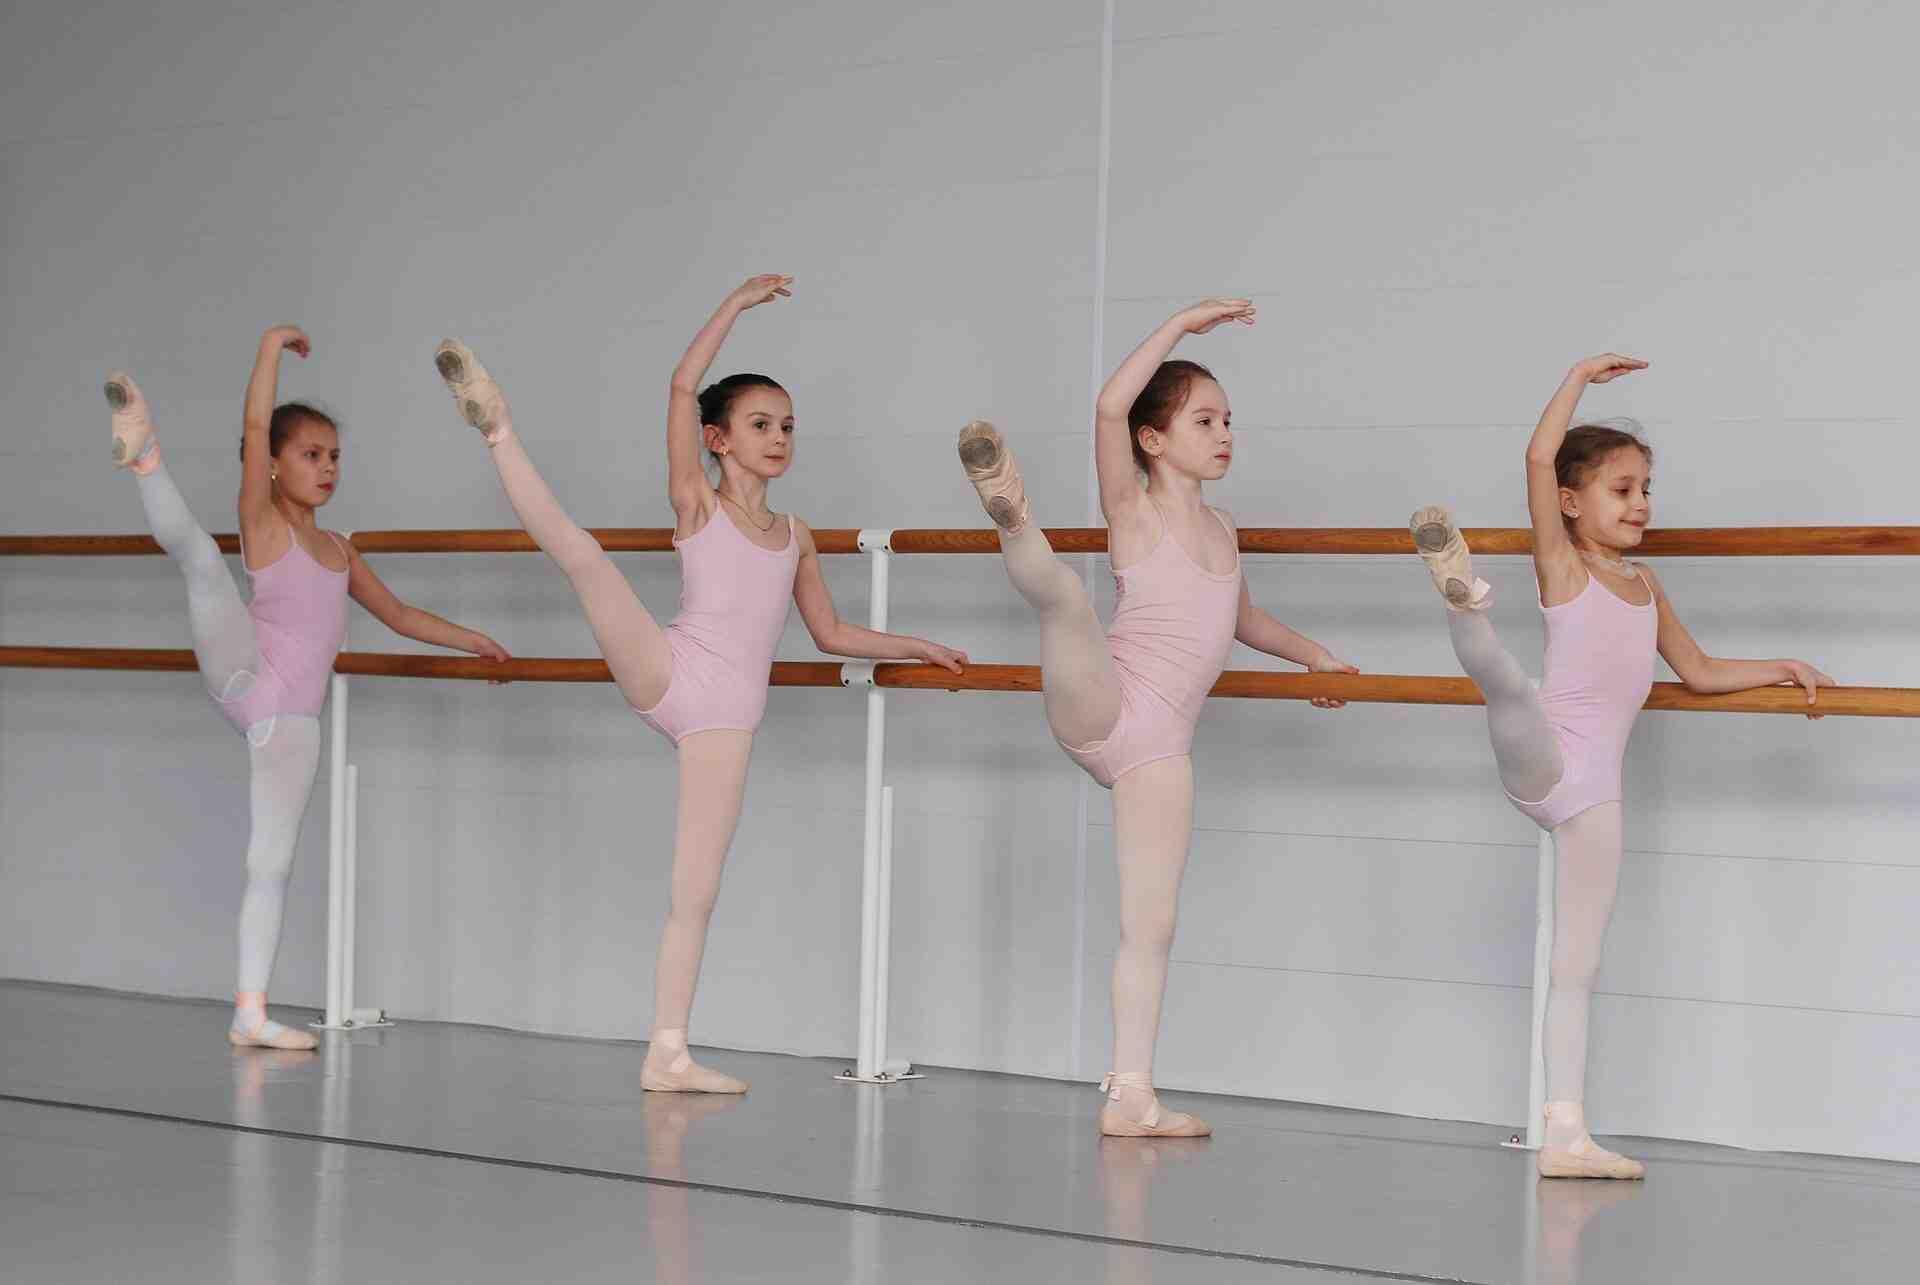 Comment créer un solo de danse?